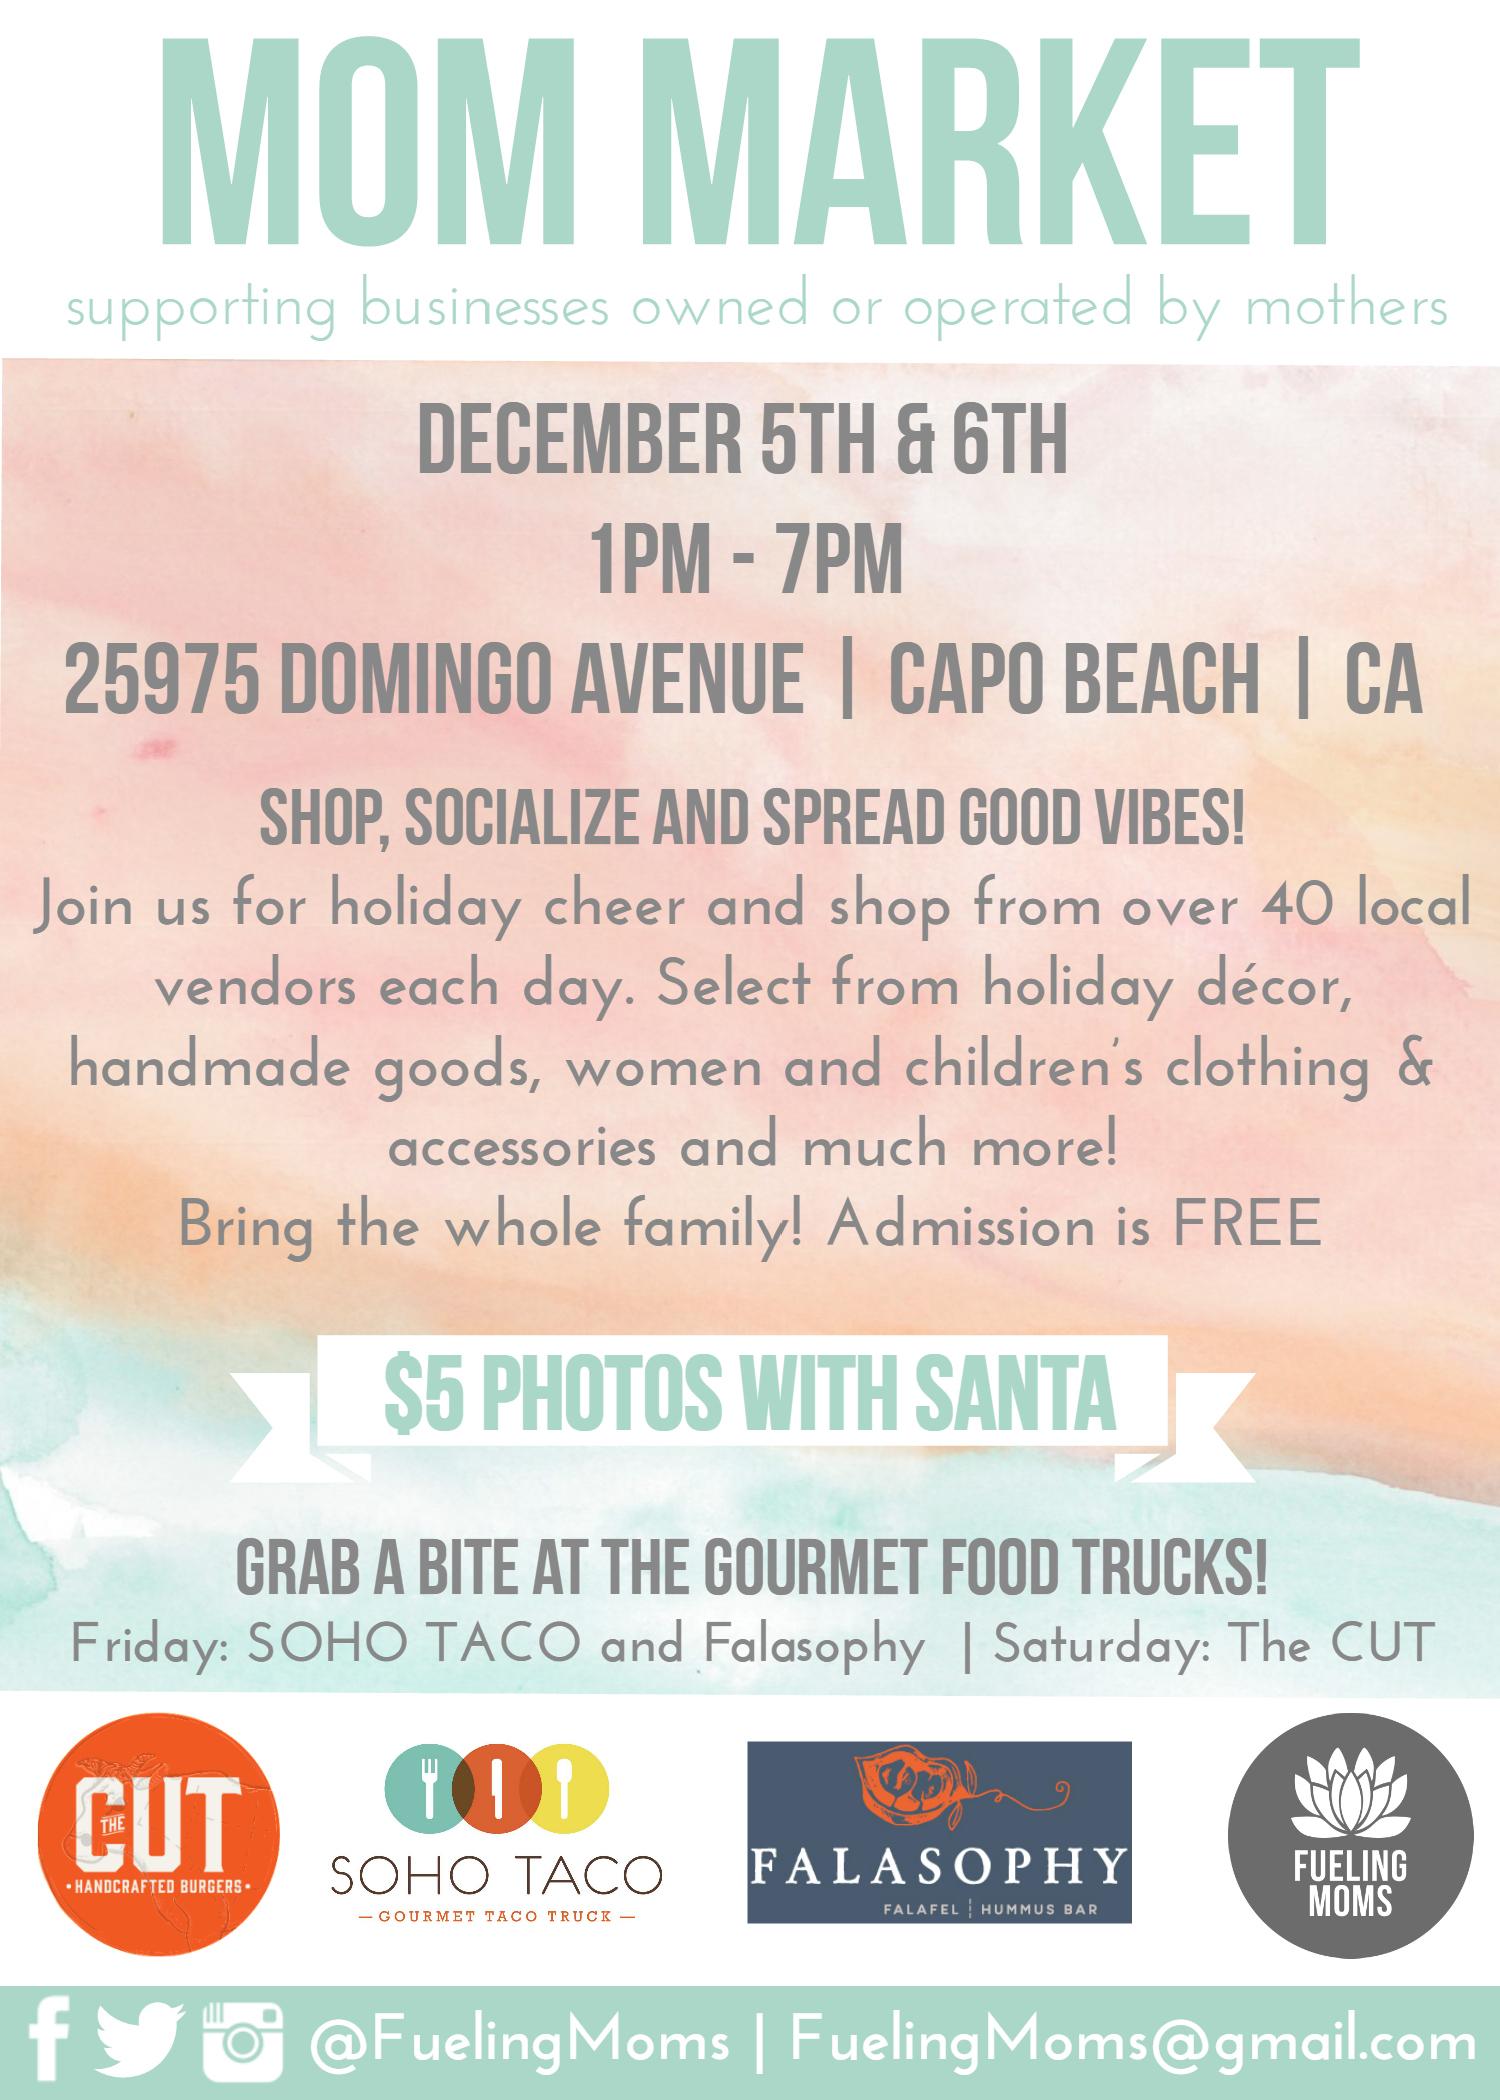 SOHO TACO Gourmet Taco Truck - Fueling Moms - Mom Market - Capistrano Beach - Orange County - CA